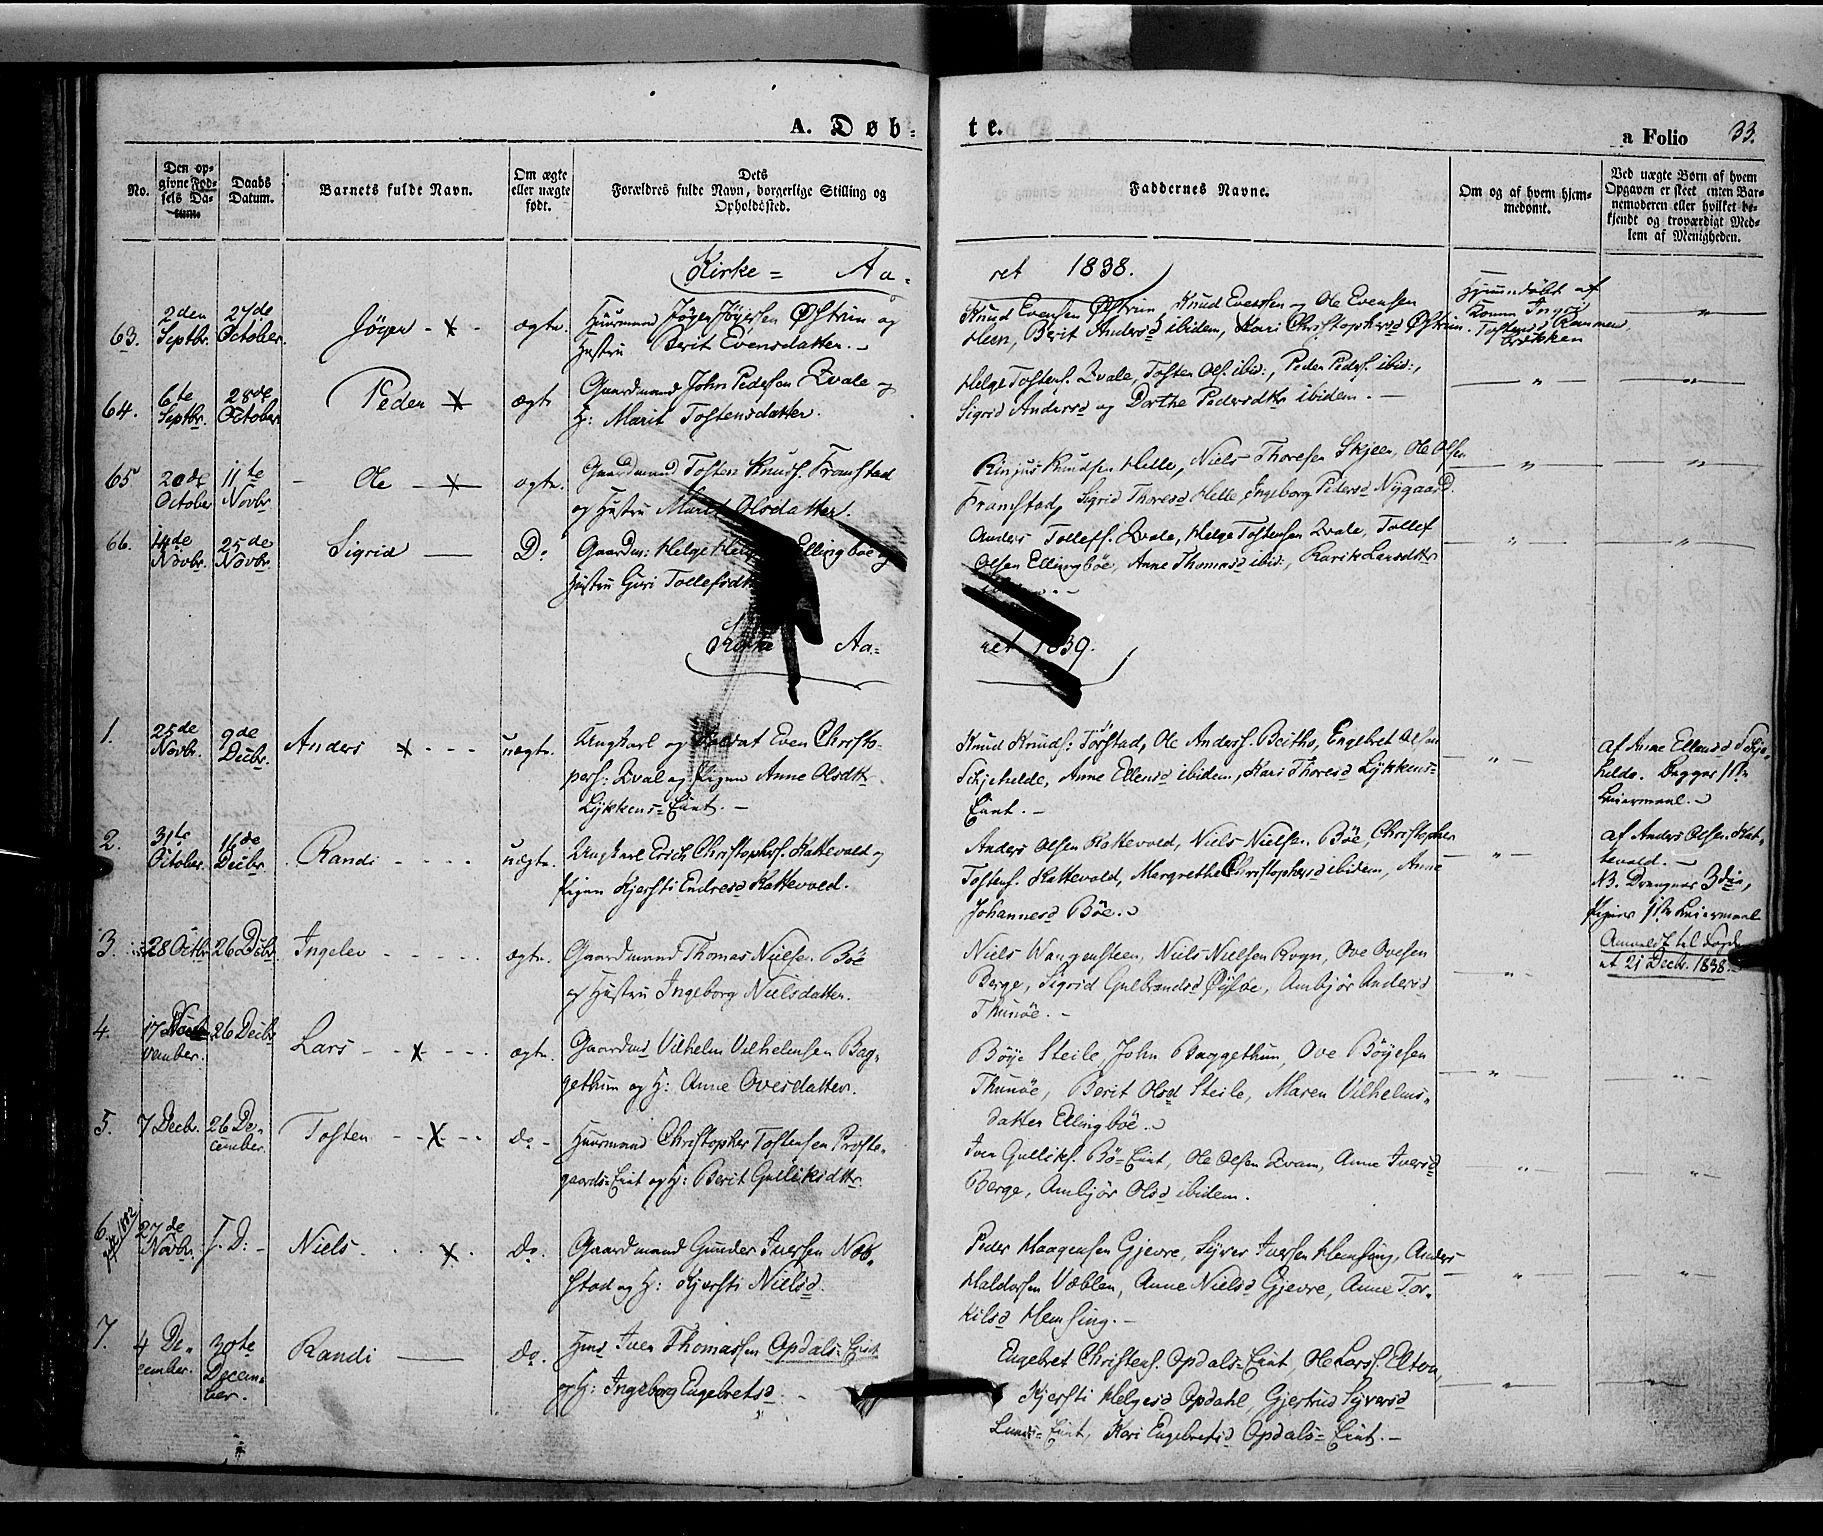 SAH, Vang prestekontor, Valdres, Ministerialbok nr. 5, 1831-1845, s. 33